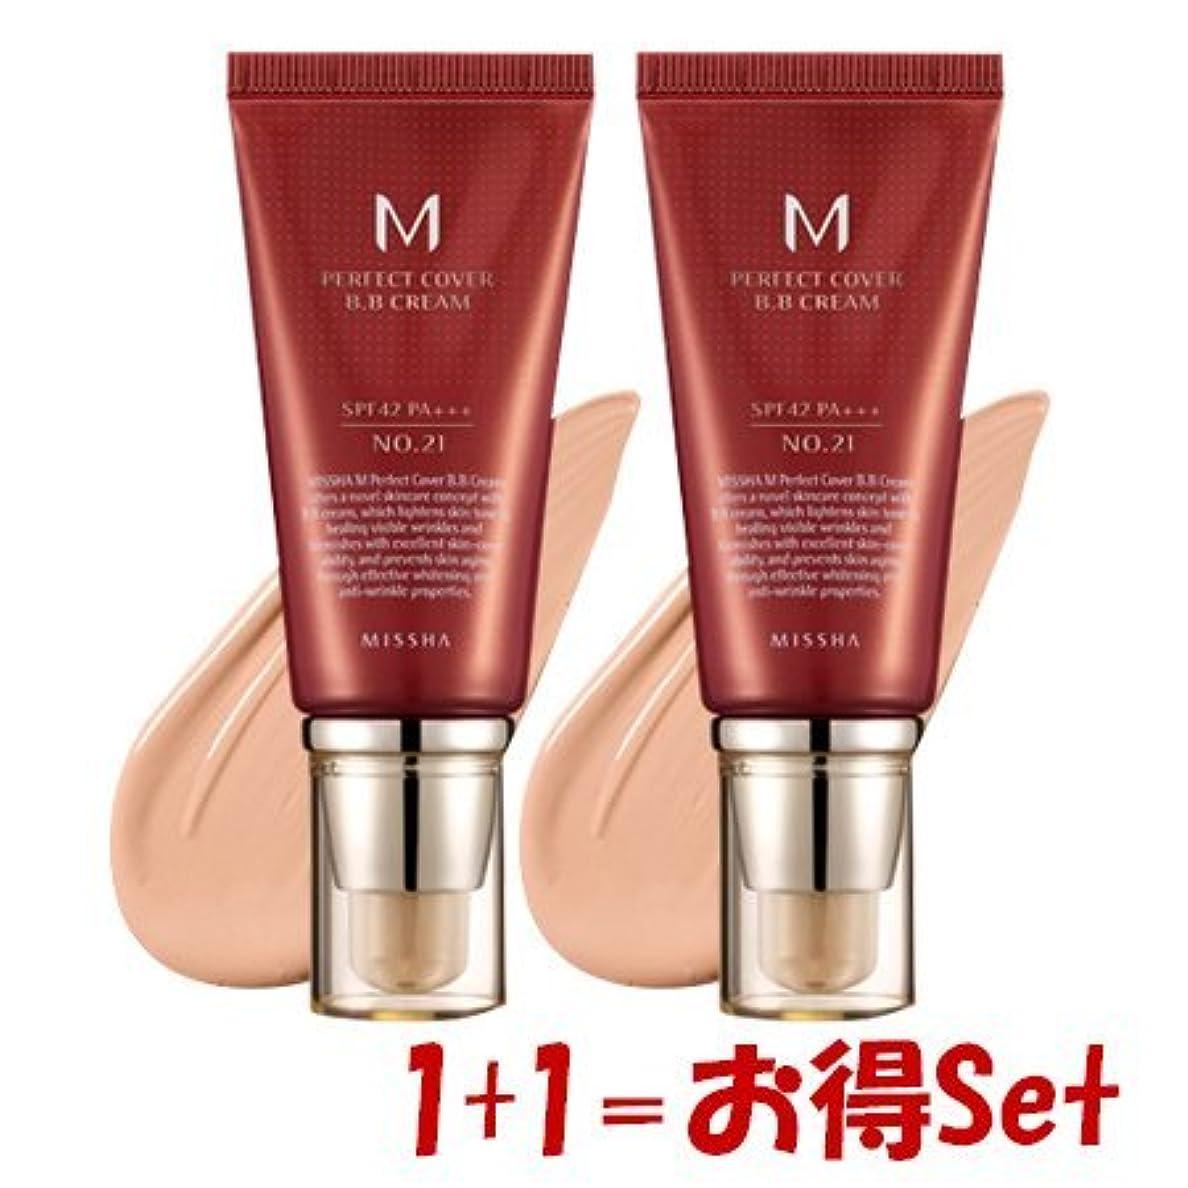 機転レンドうがいMISSHA(ミシャ) M Perfect Cover パーフェクトカバーBBクリーム 21号+ 21号(1+1=お得Set)